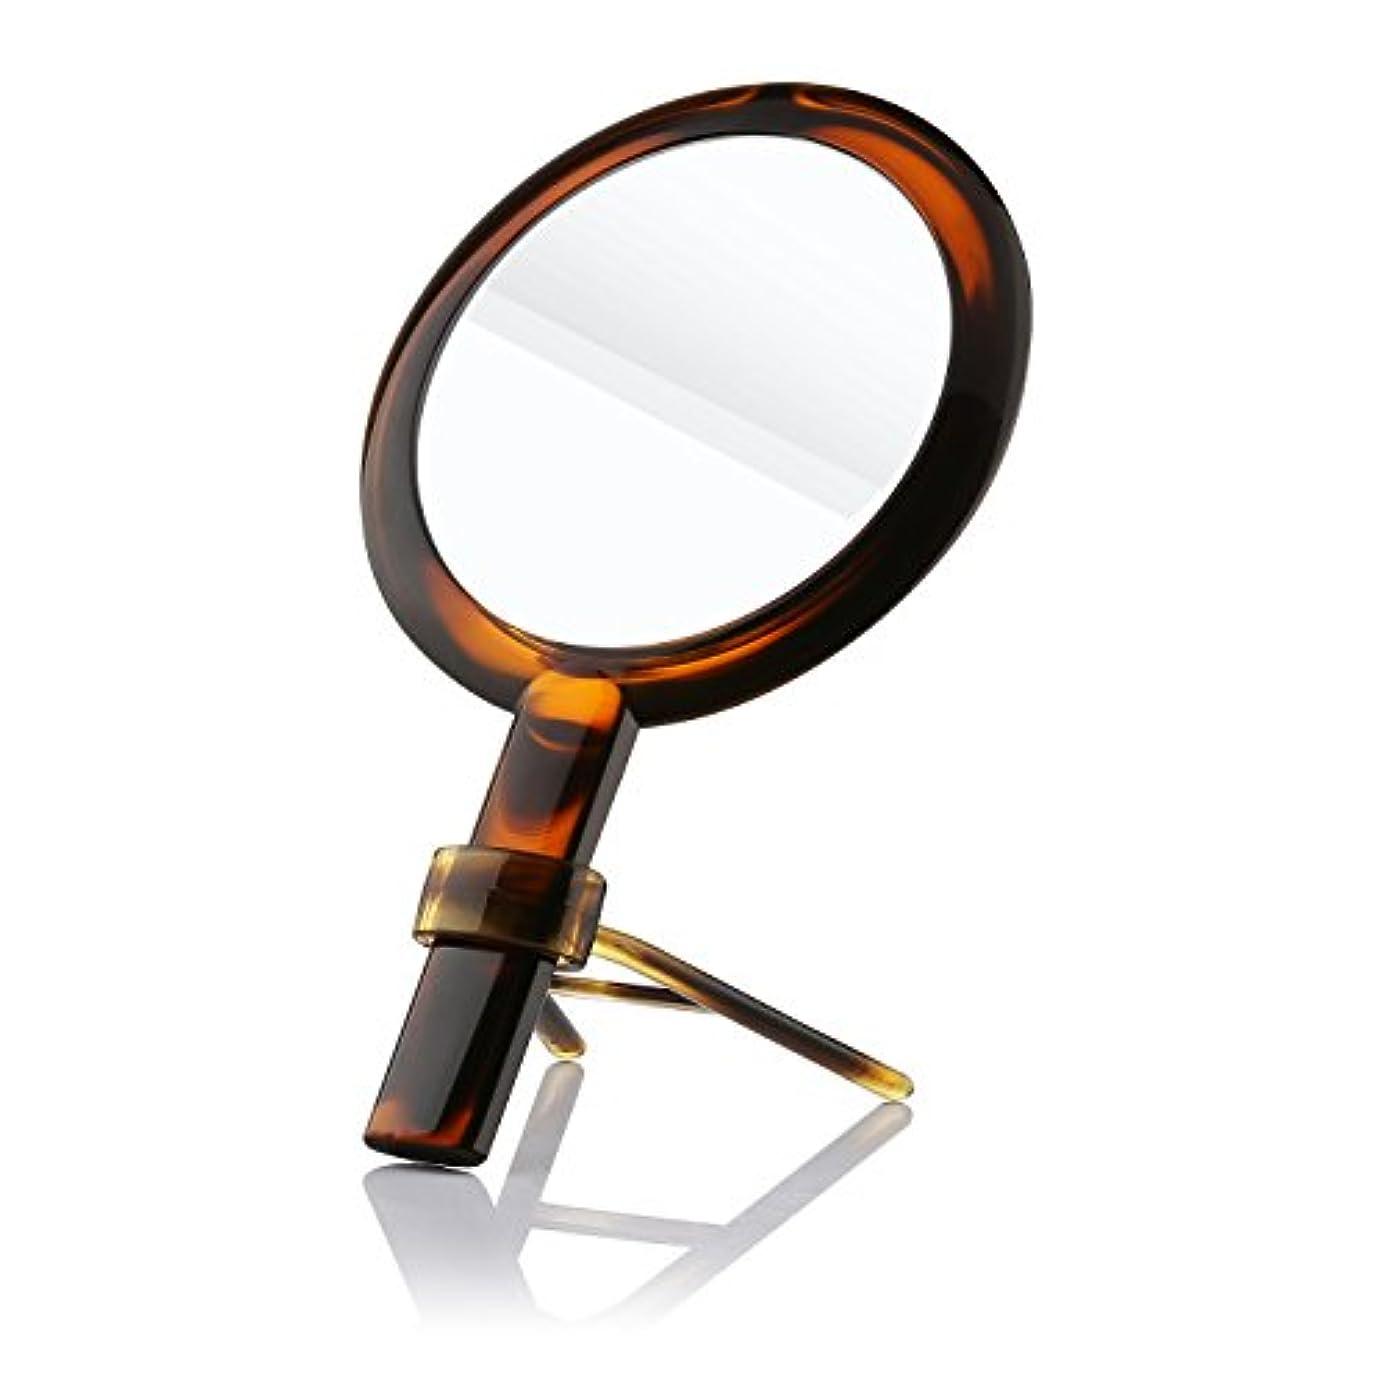 ペダルペット温度化粧ミラー Beautifive 化粧鏡 メイクミラー 等倍卓上両面鏡 7倍拡大スタンドミラー 手鏡 光学レズン高解像度